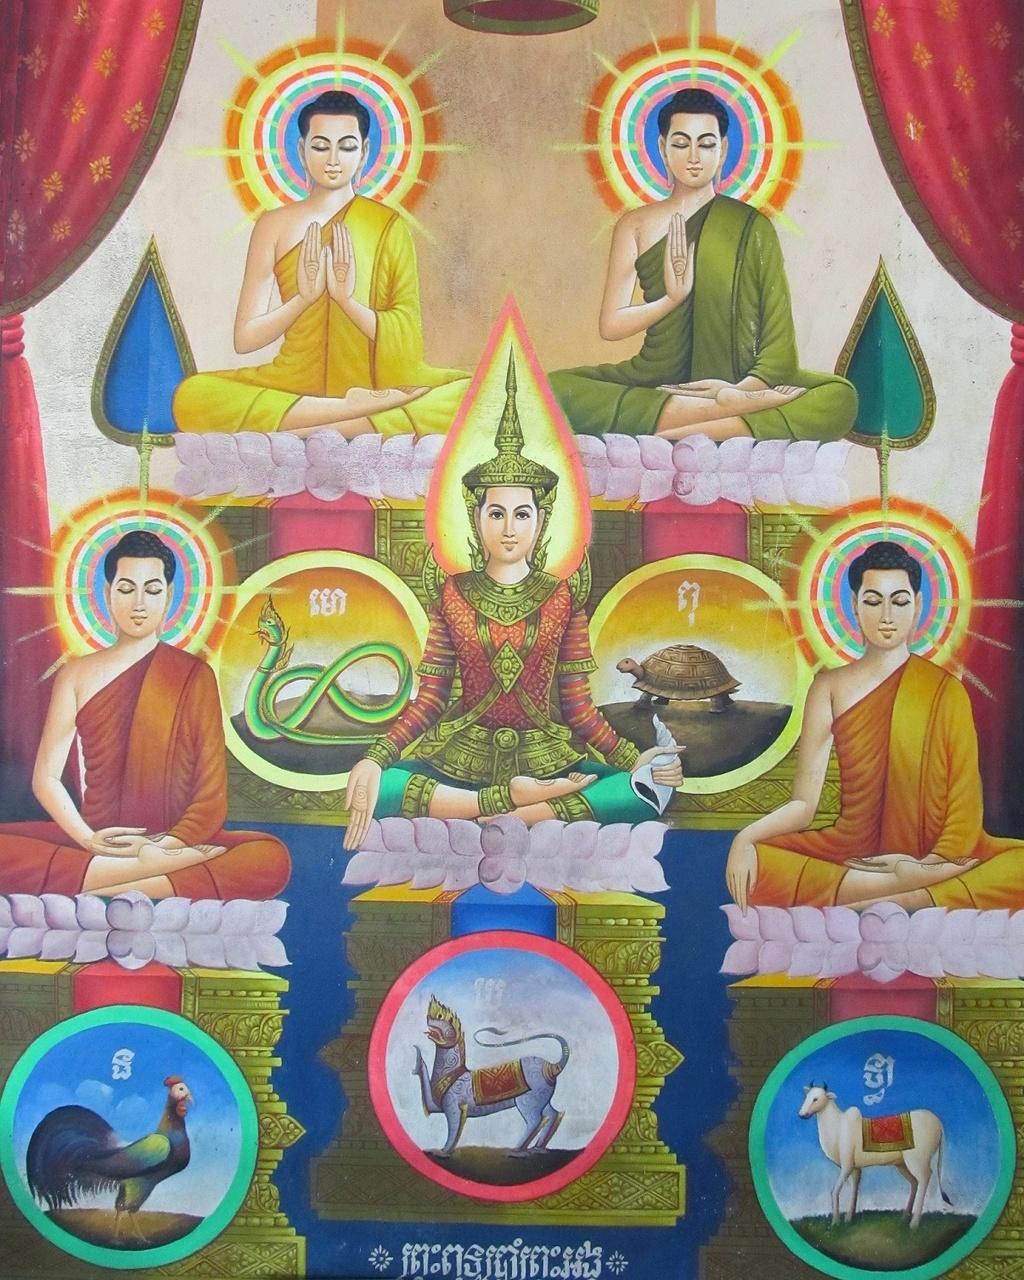 Pět Buddhů - Sihanoukville - Kambodža